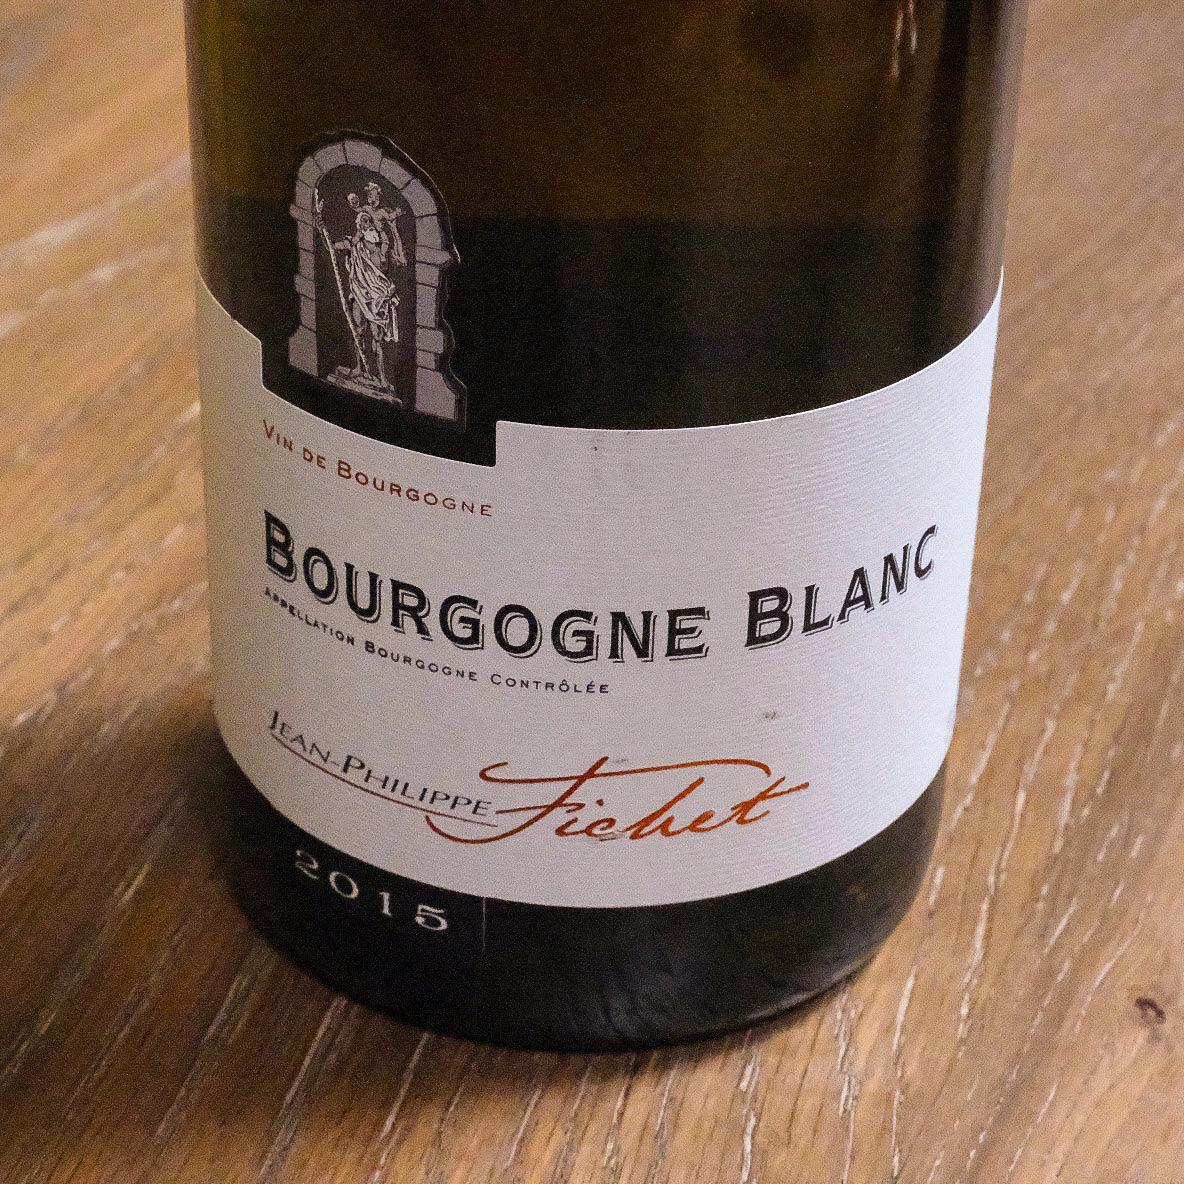 Bottle of White Burgundy - Jean-Philippe Fichet Bourgogne Blanc